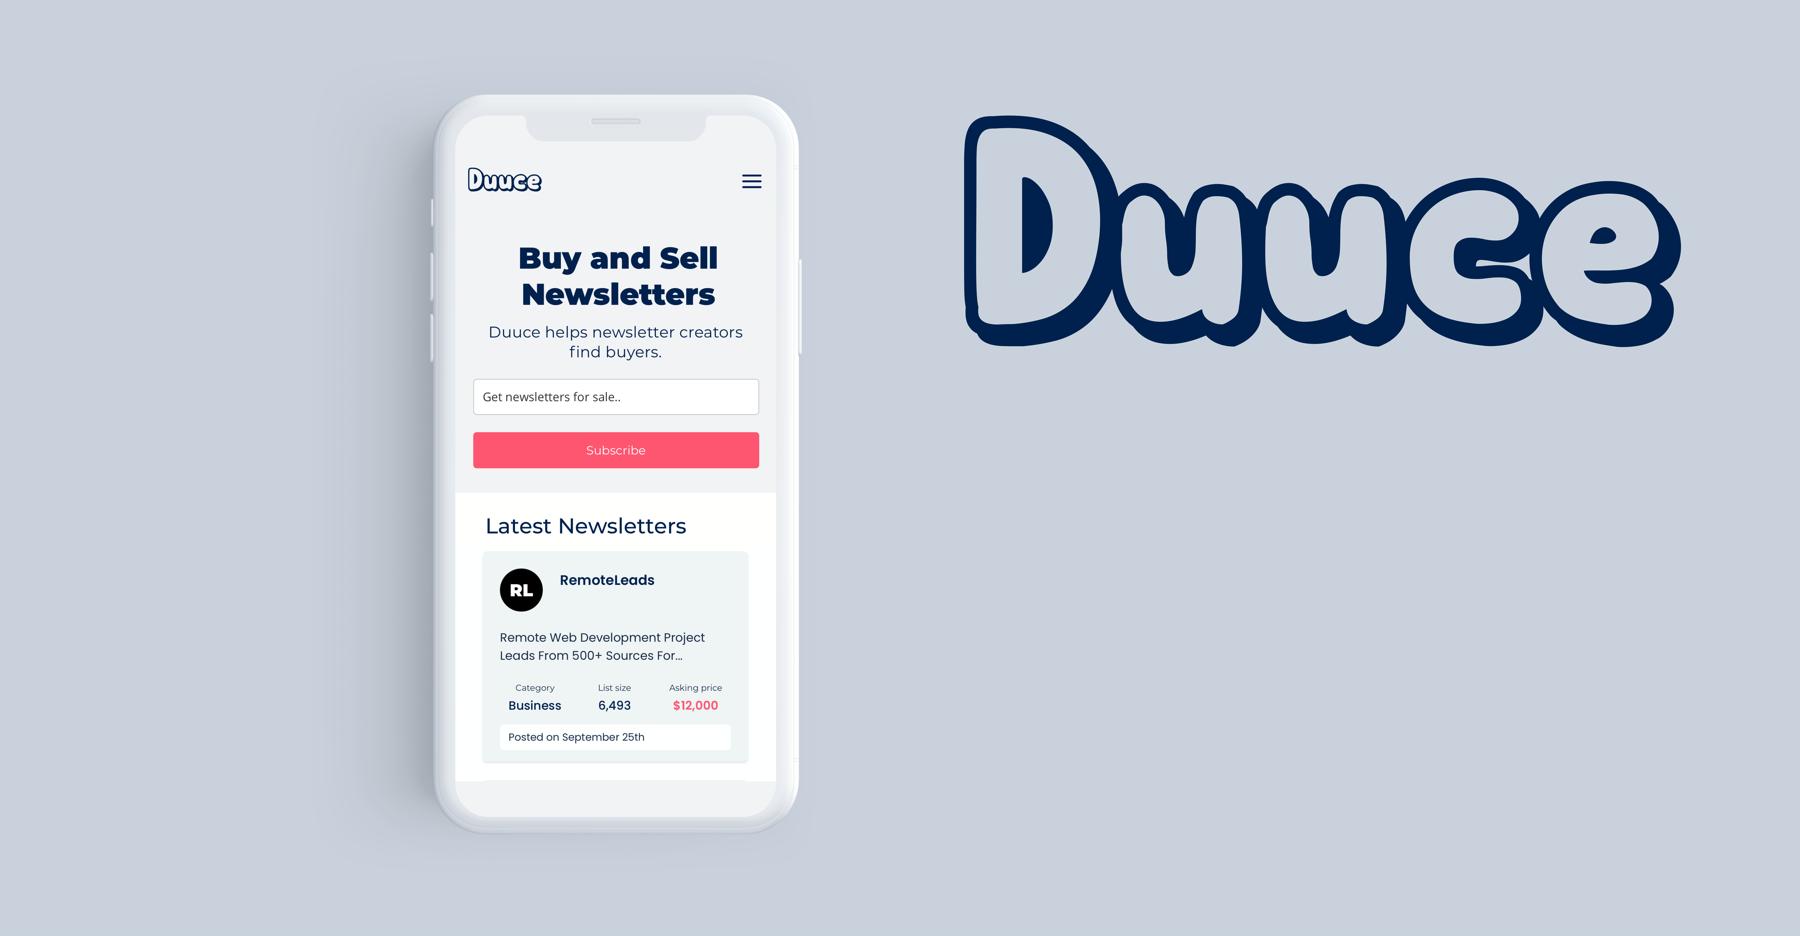 duuce.com